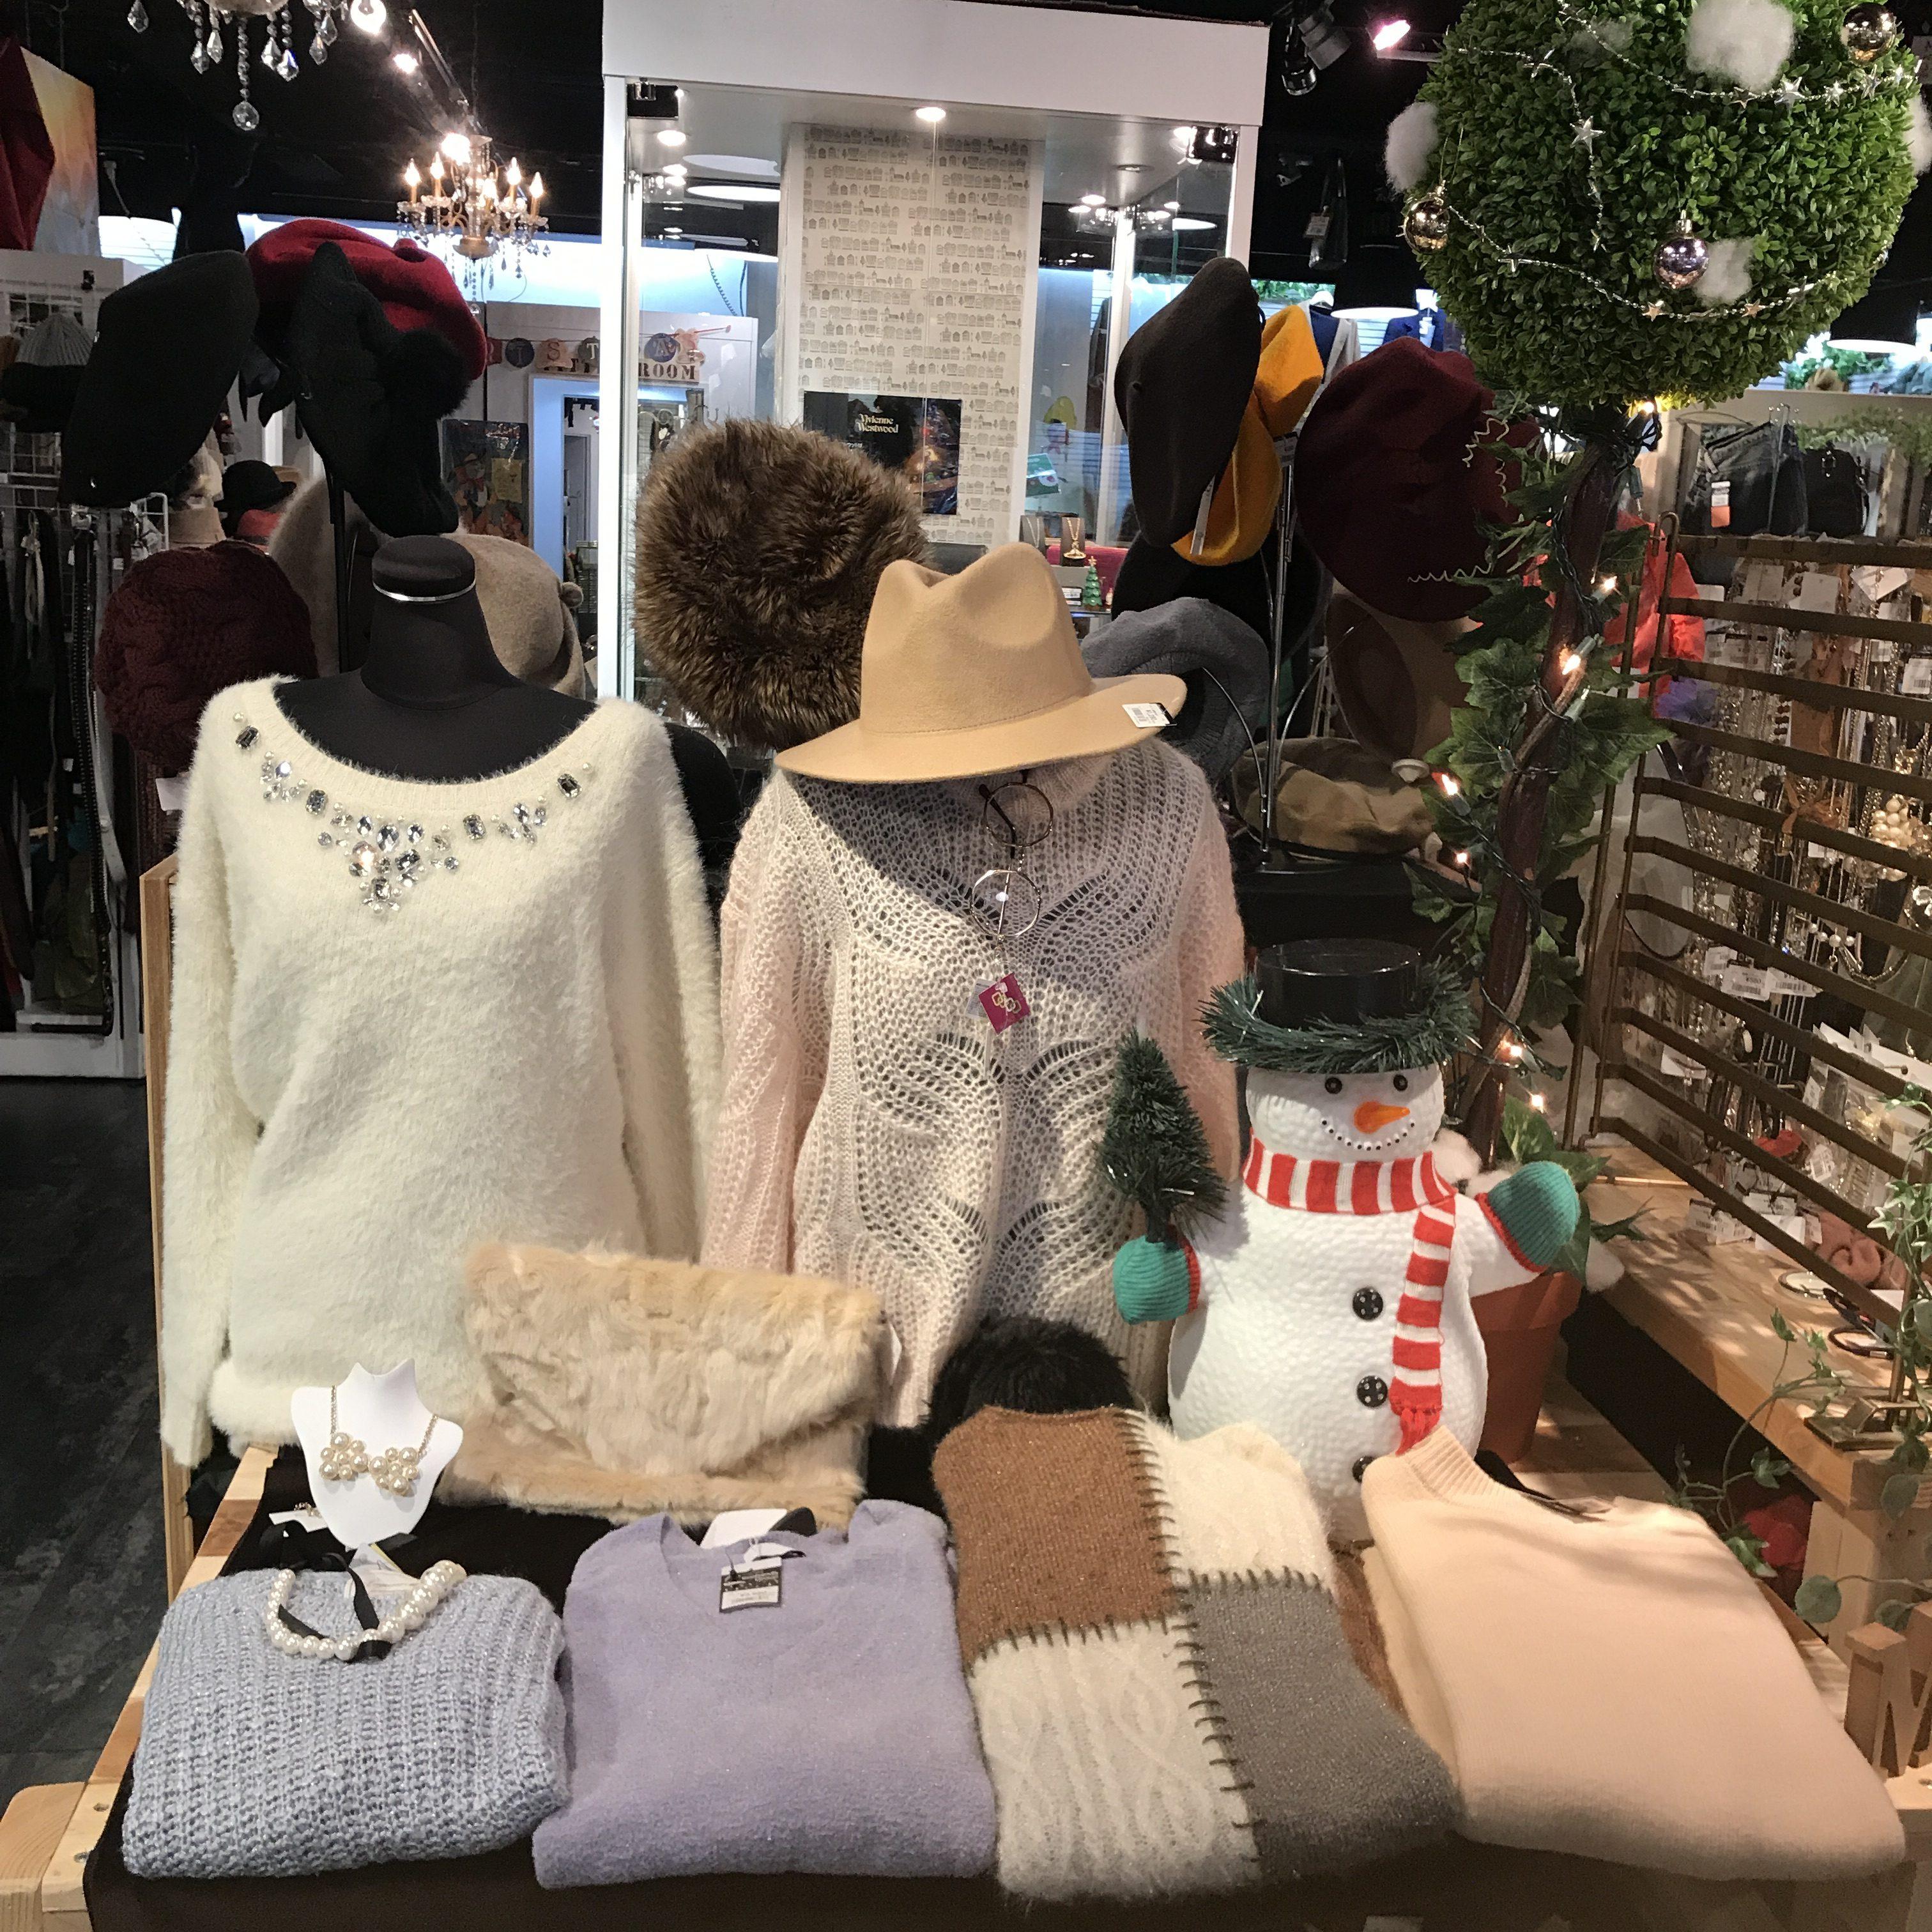 サンステップ南店 クリスマスディスプレイ 古着 冬物買取 ブランド衣料